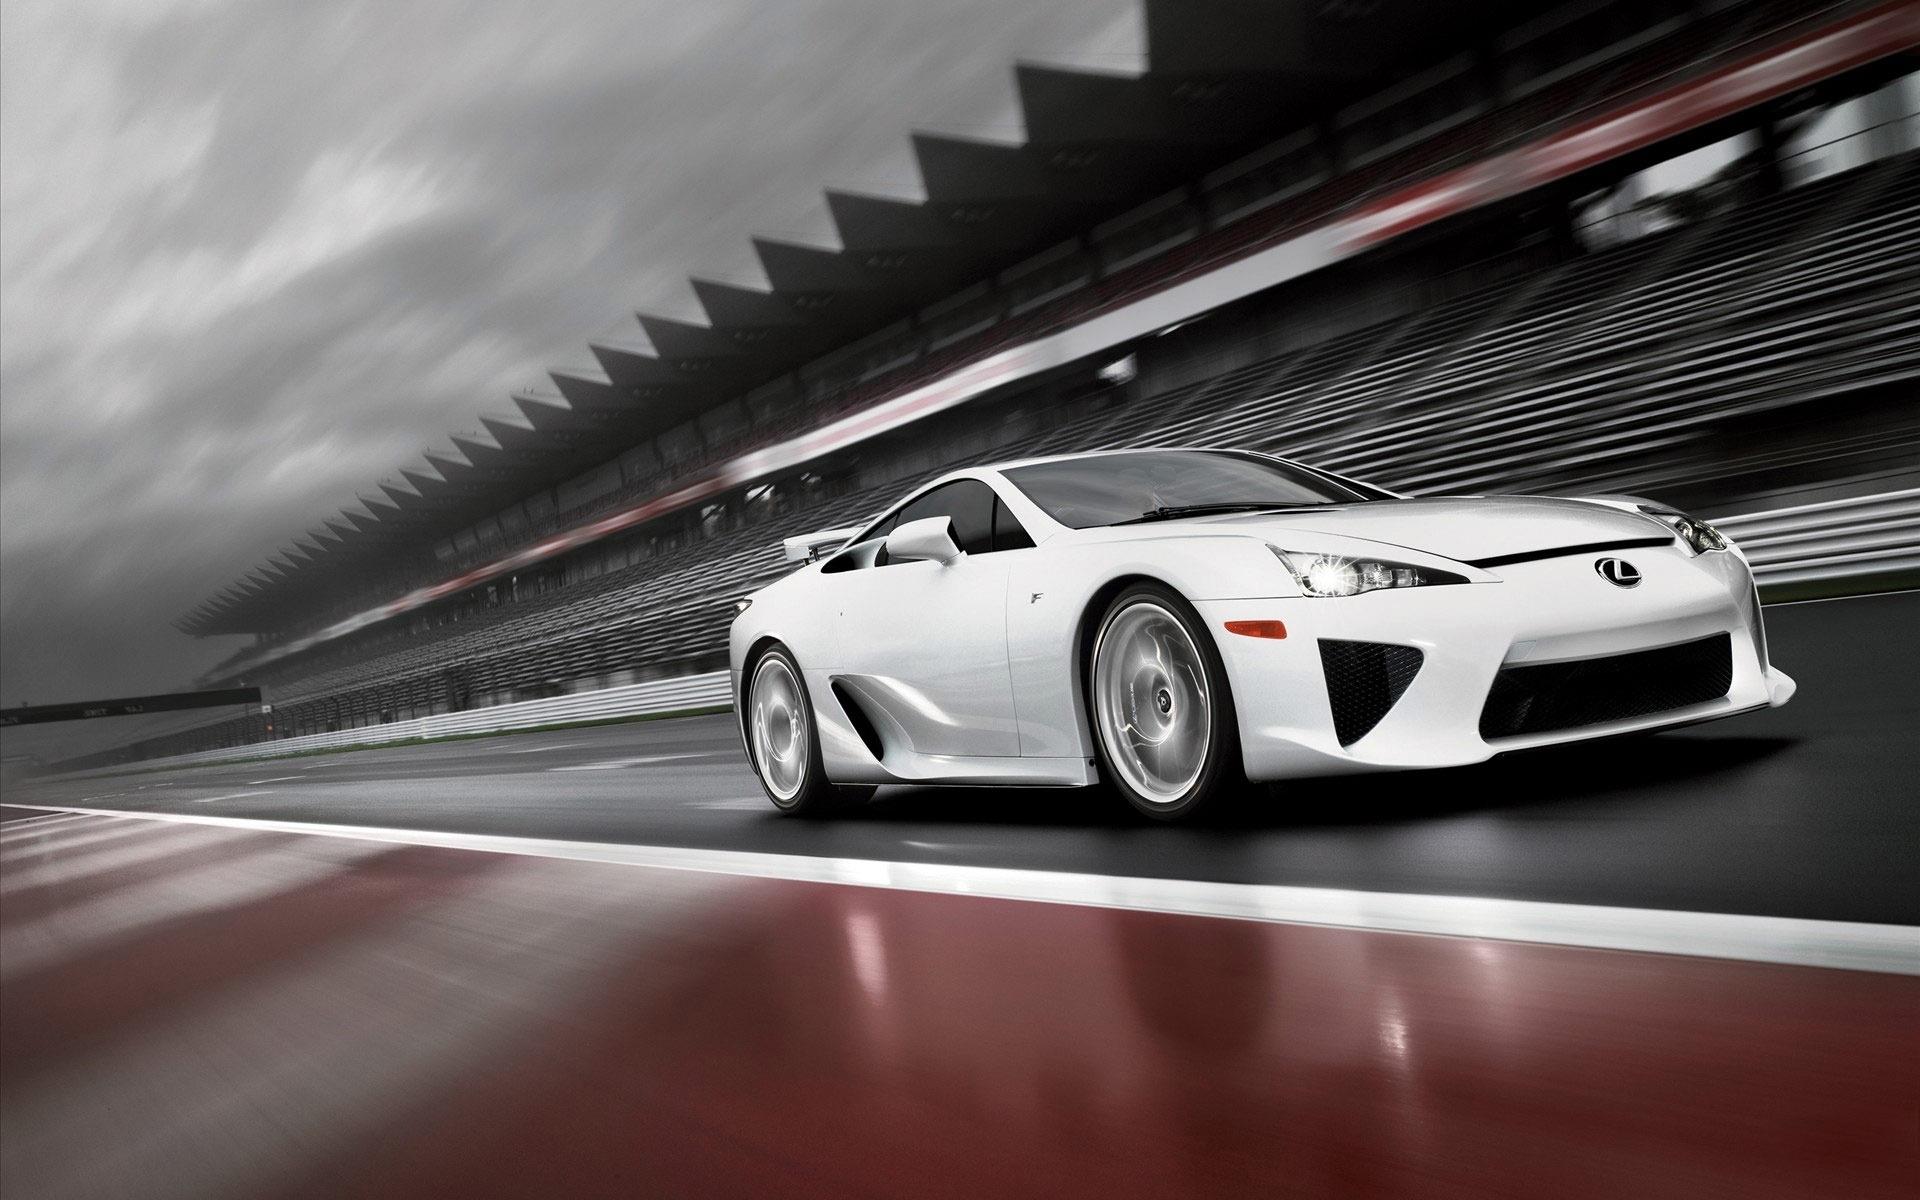 Скачать картинку Машины, Лексус (Lexus), Транспорт в телефон бесплатно.